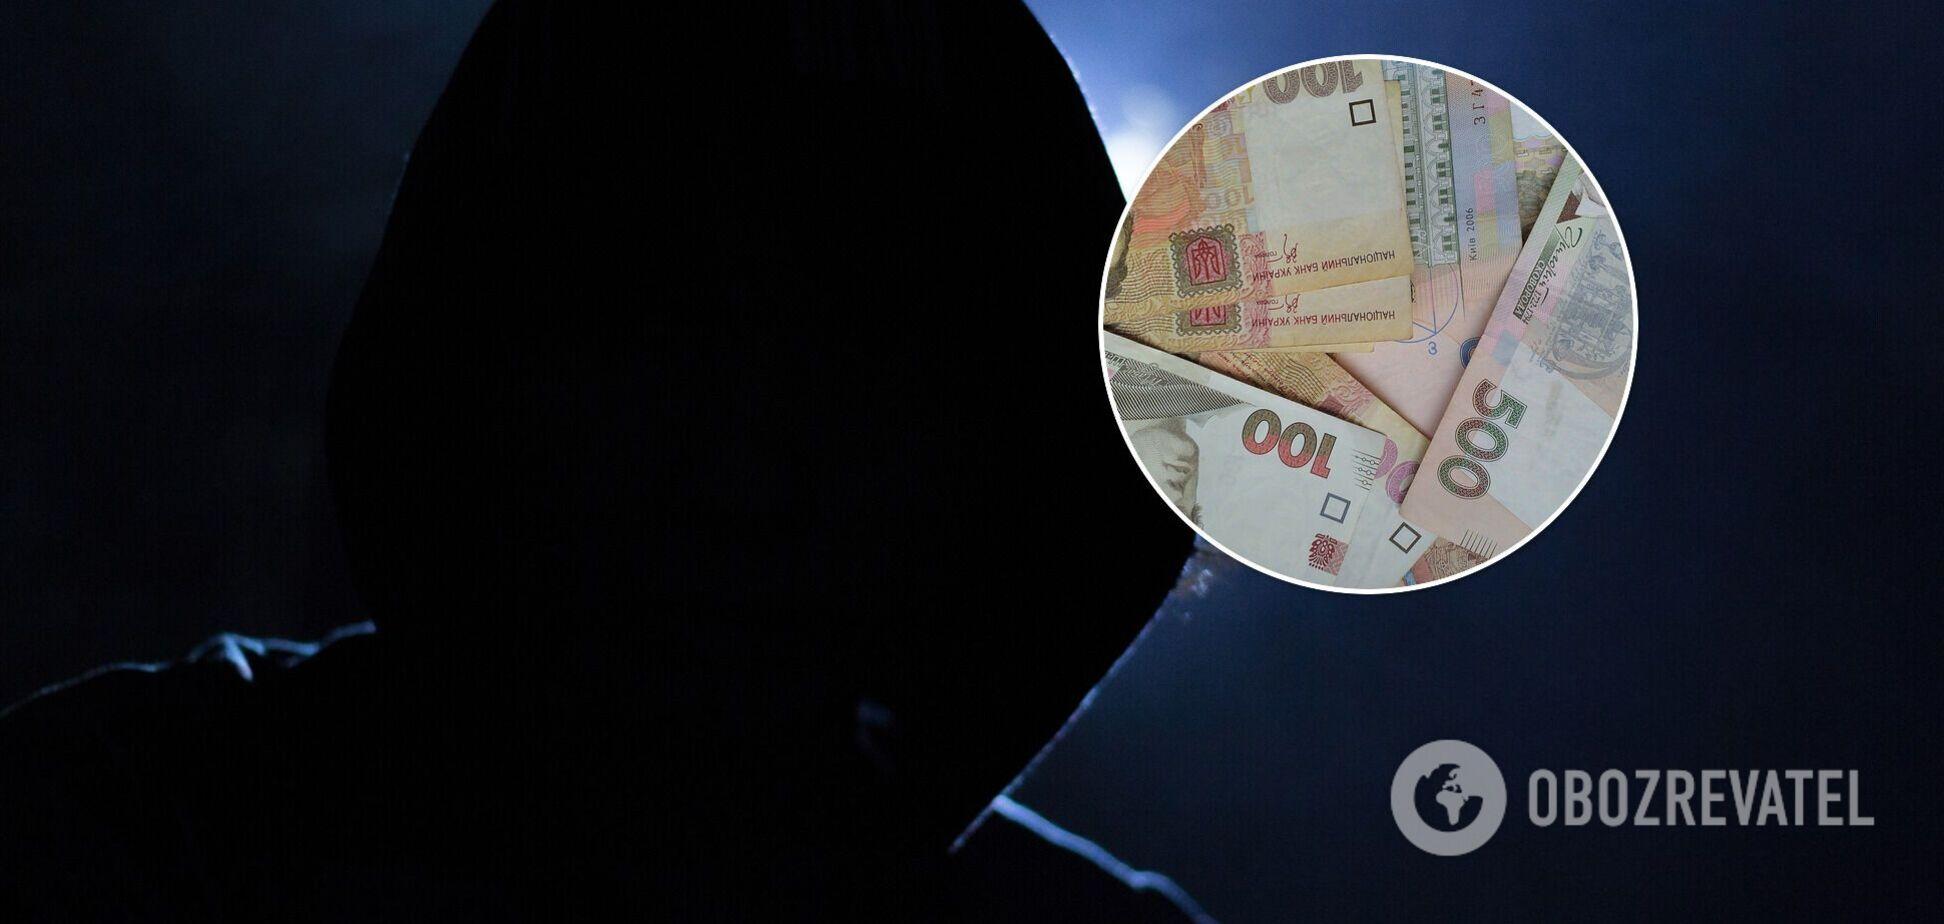 Через Приват24 у украинца украли 24 тыс. грн